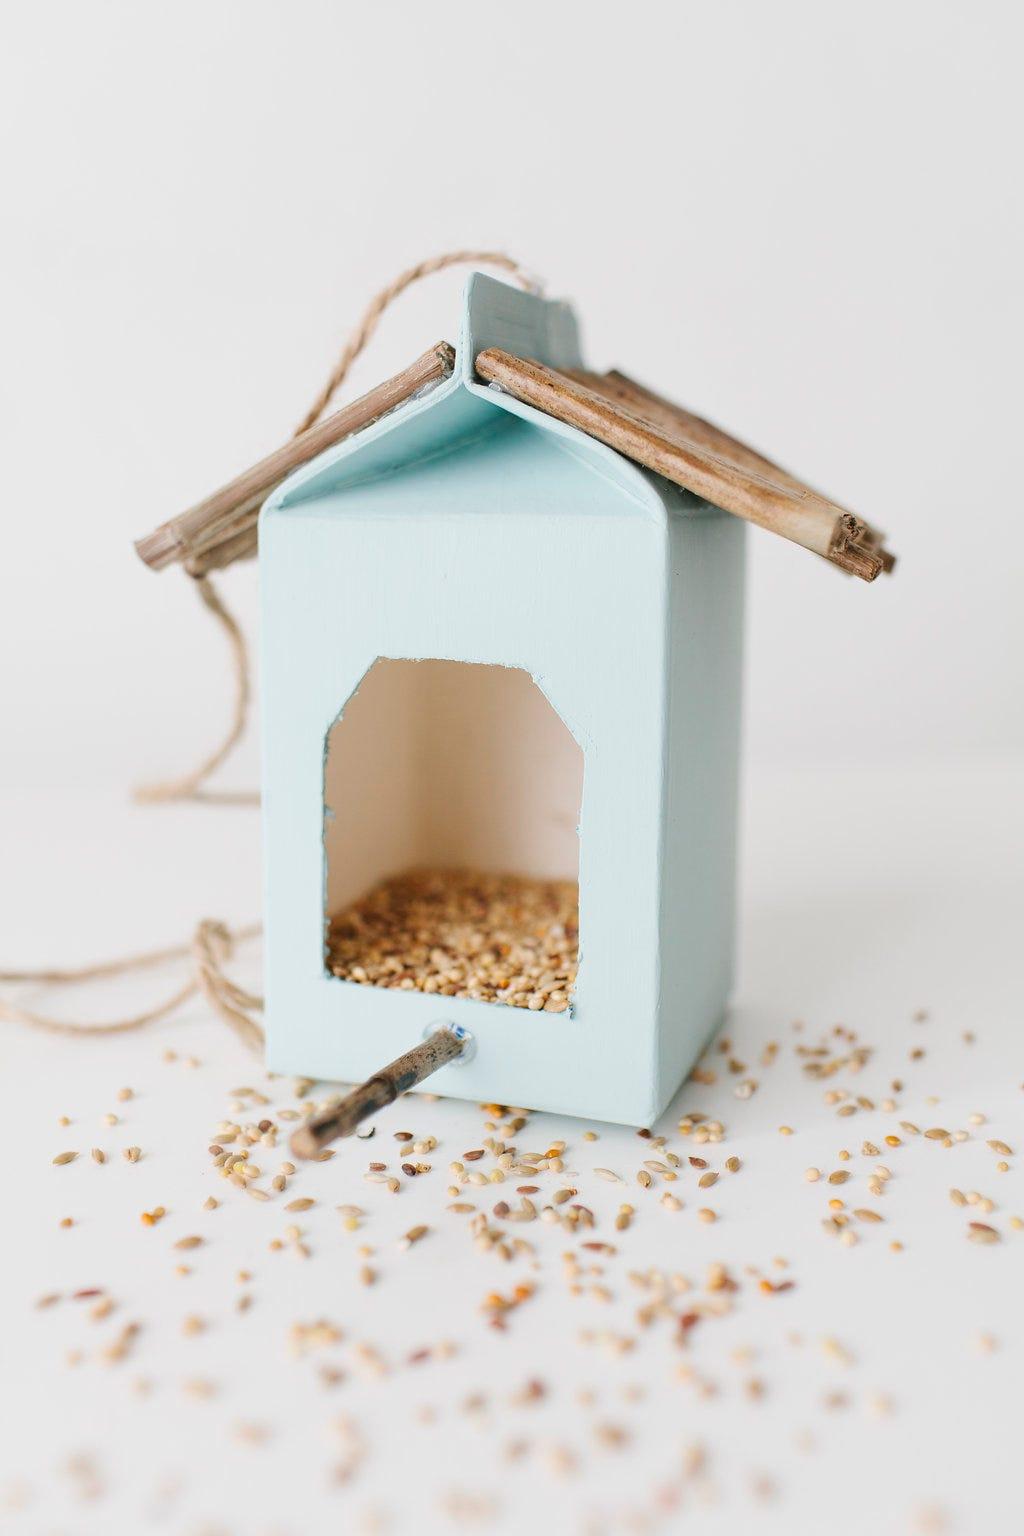 Turn A Used Juice Or Milk Carton Into A Birdhouse.